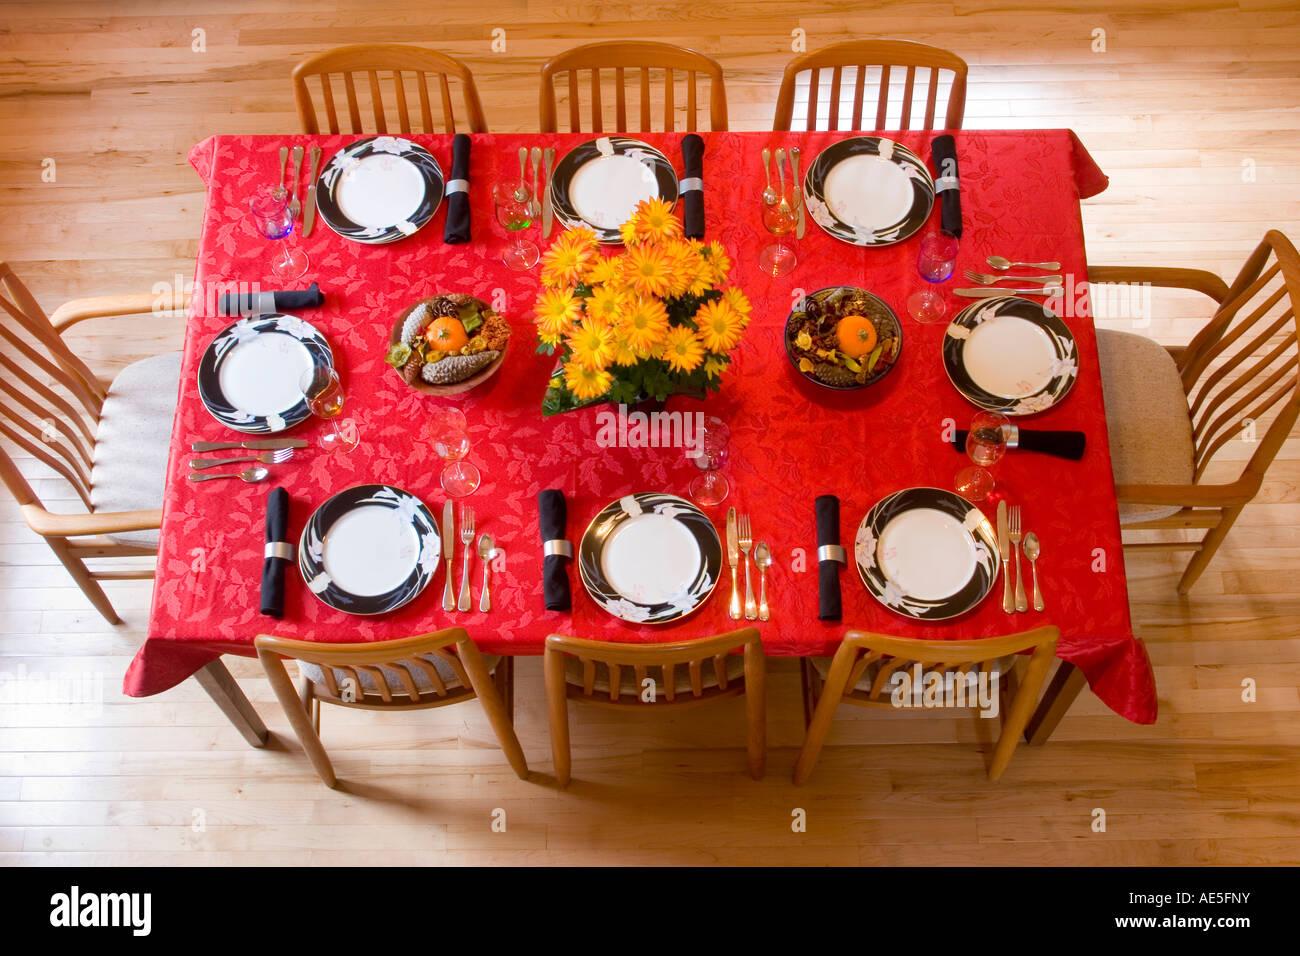 Luftaufnahme Des Esszimmer Tisch Gedecke Mit Roten Tischdecke, Formale  China, Chrysanthemen Und Ernte Herzstück